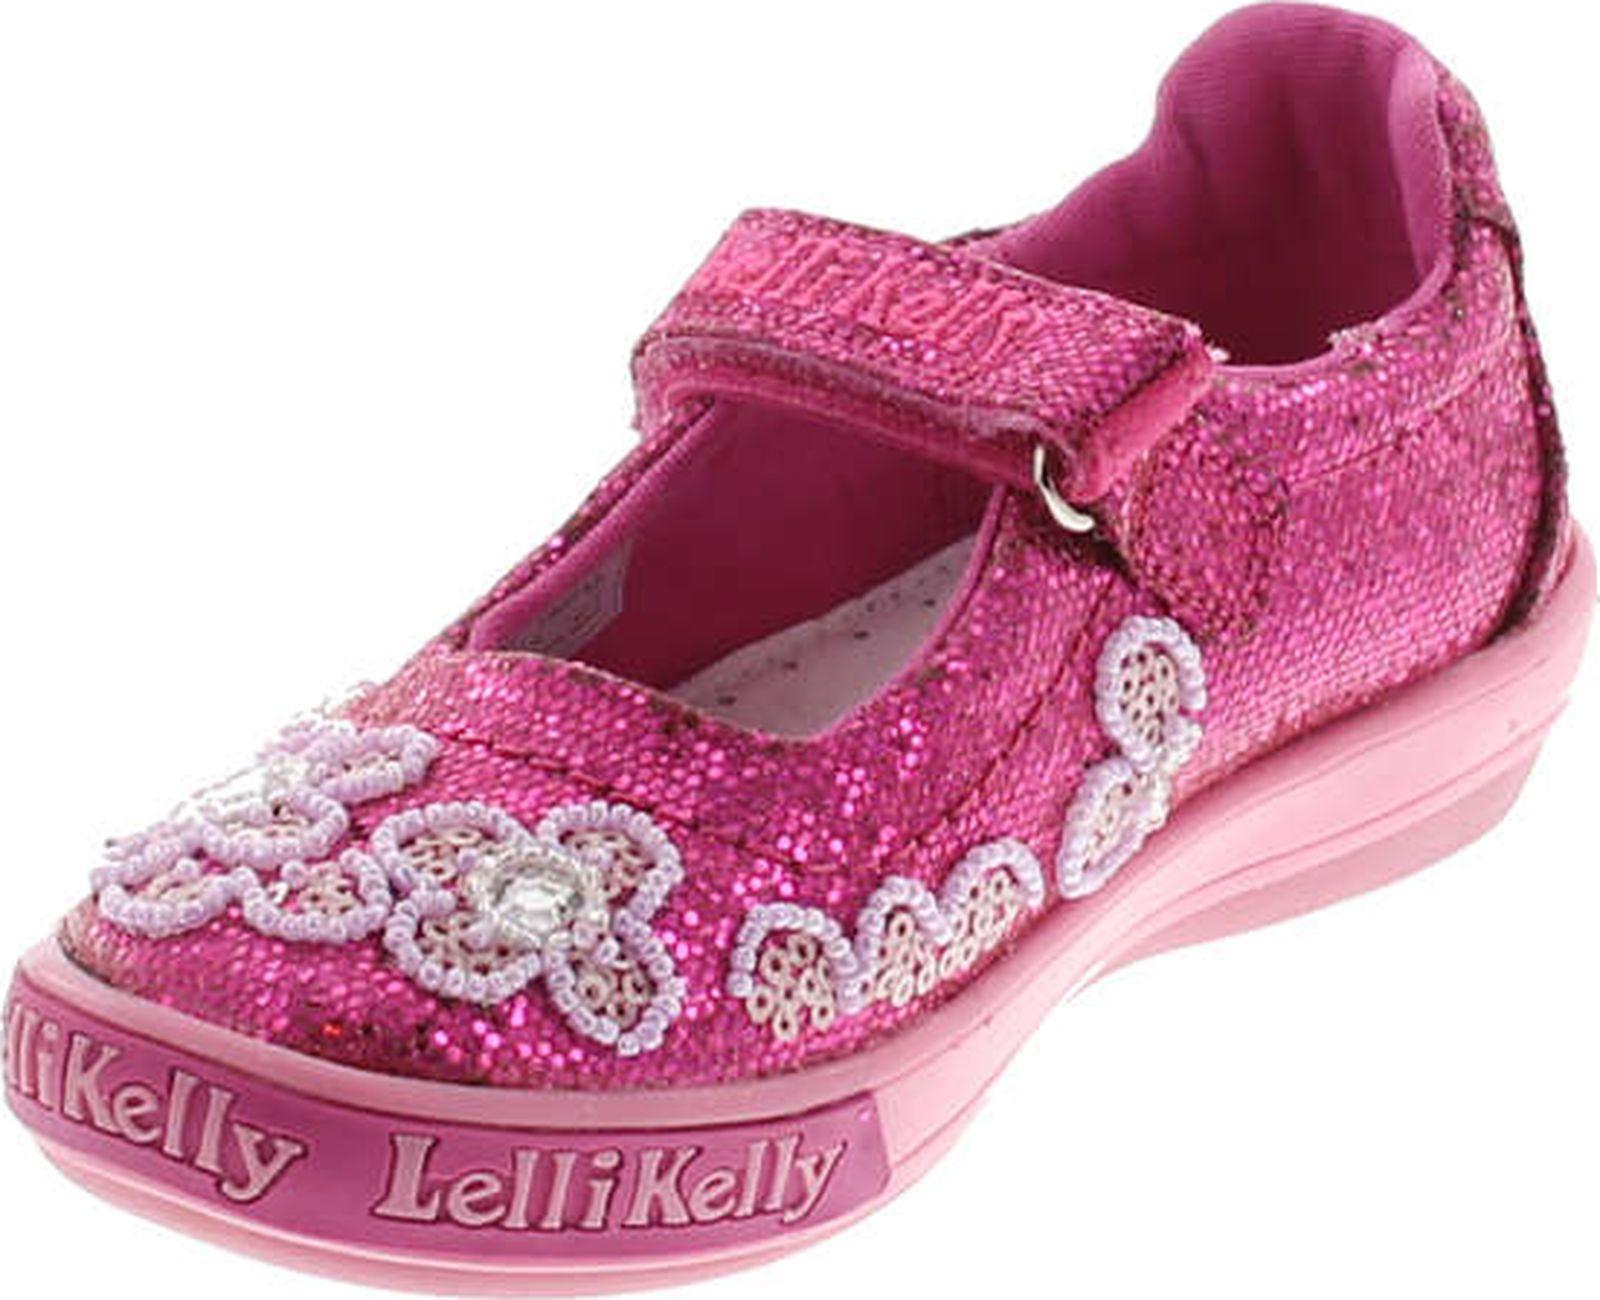 Lelli Kelly Kids Girls LK1116 Swirls Fashion Mary Jane Flats Shoes